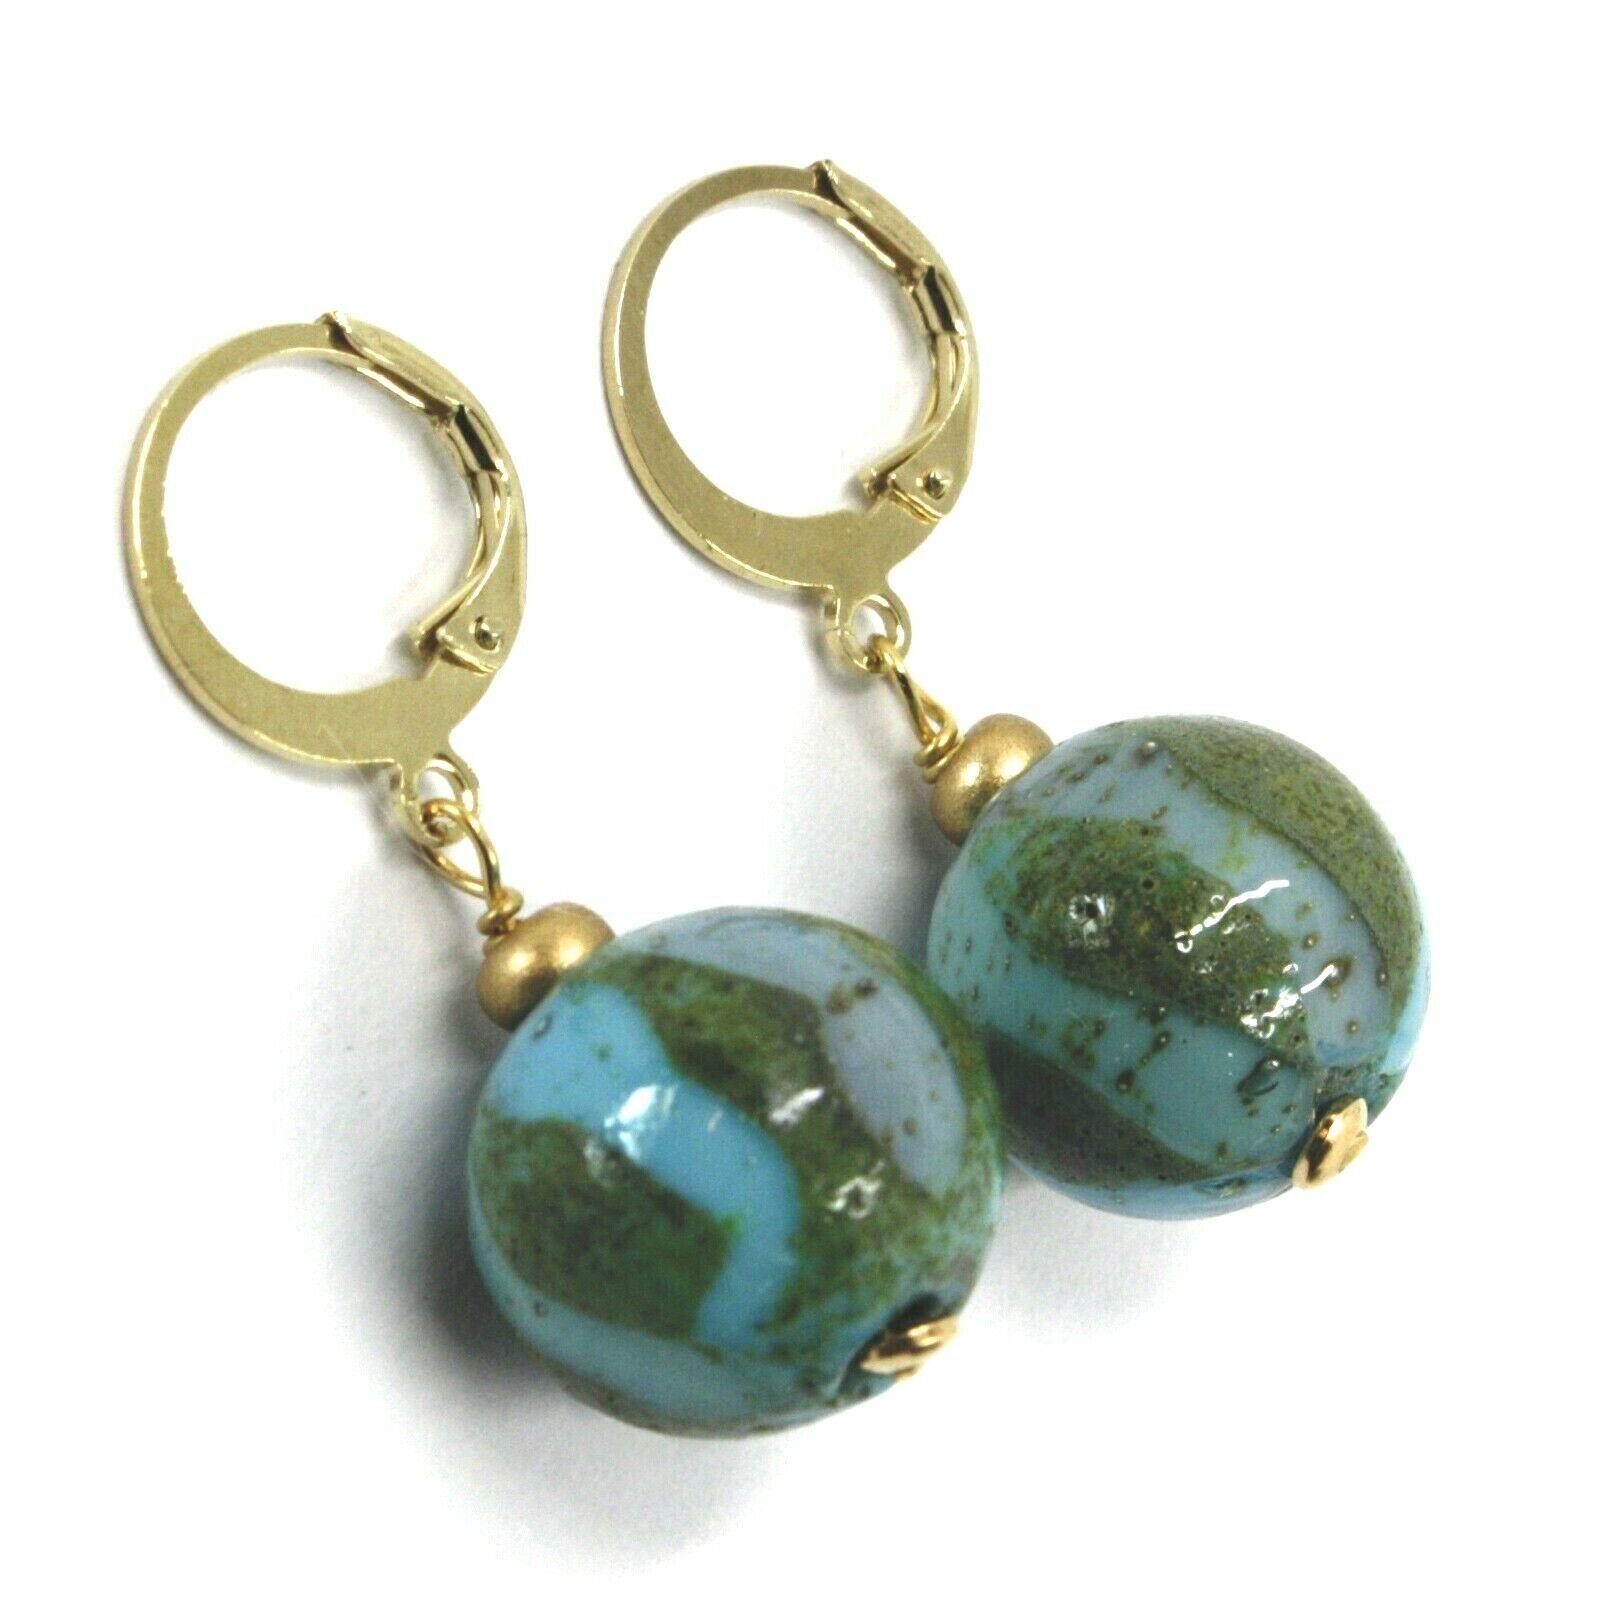 Earrings Antica Murrina Venezia, OR630A07, Sphere Banded, Blue Green